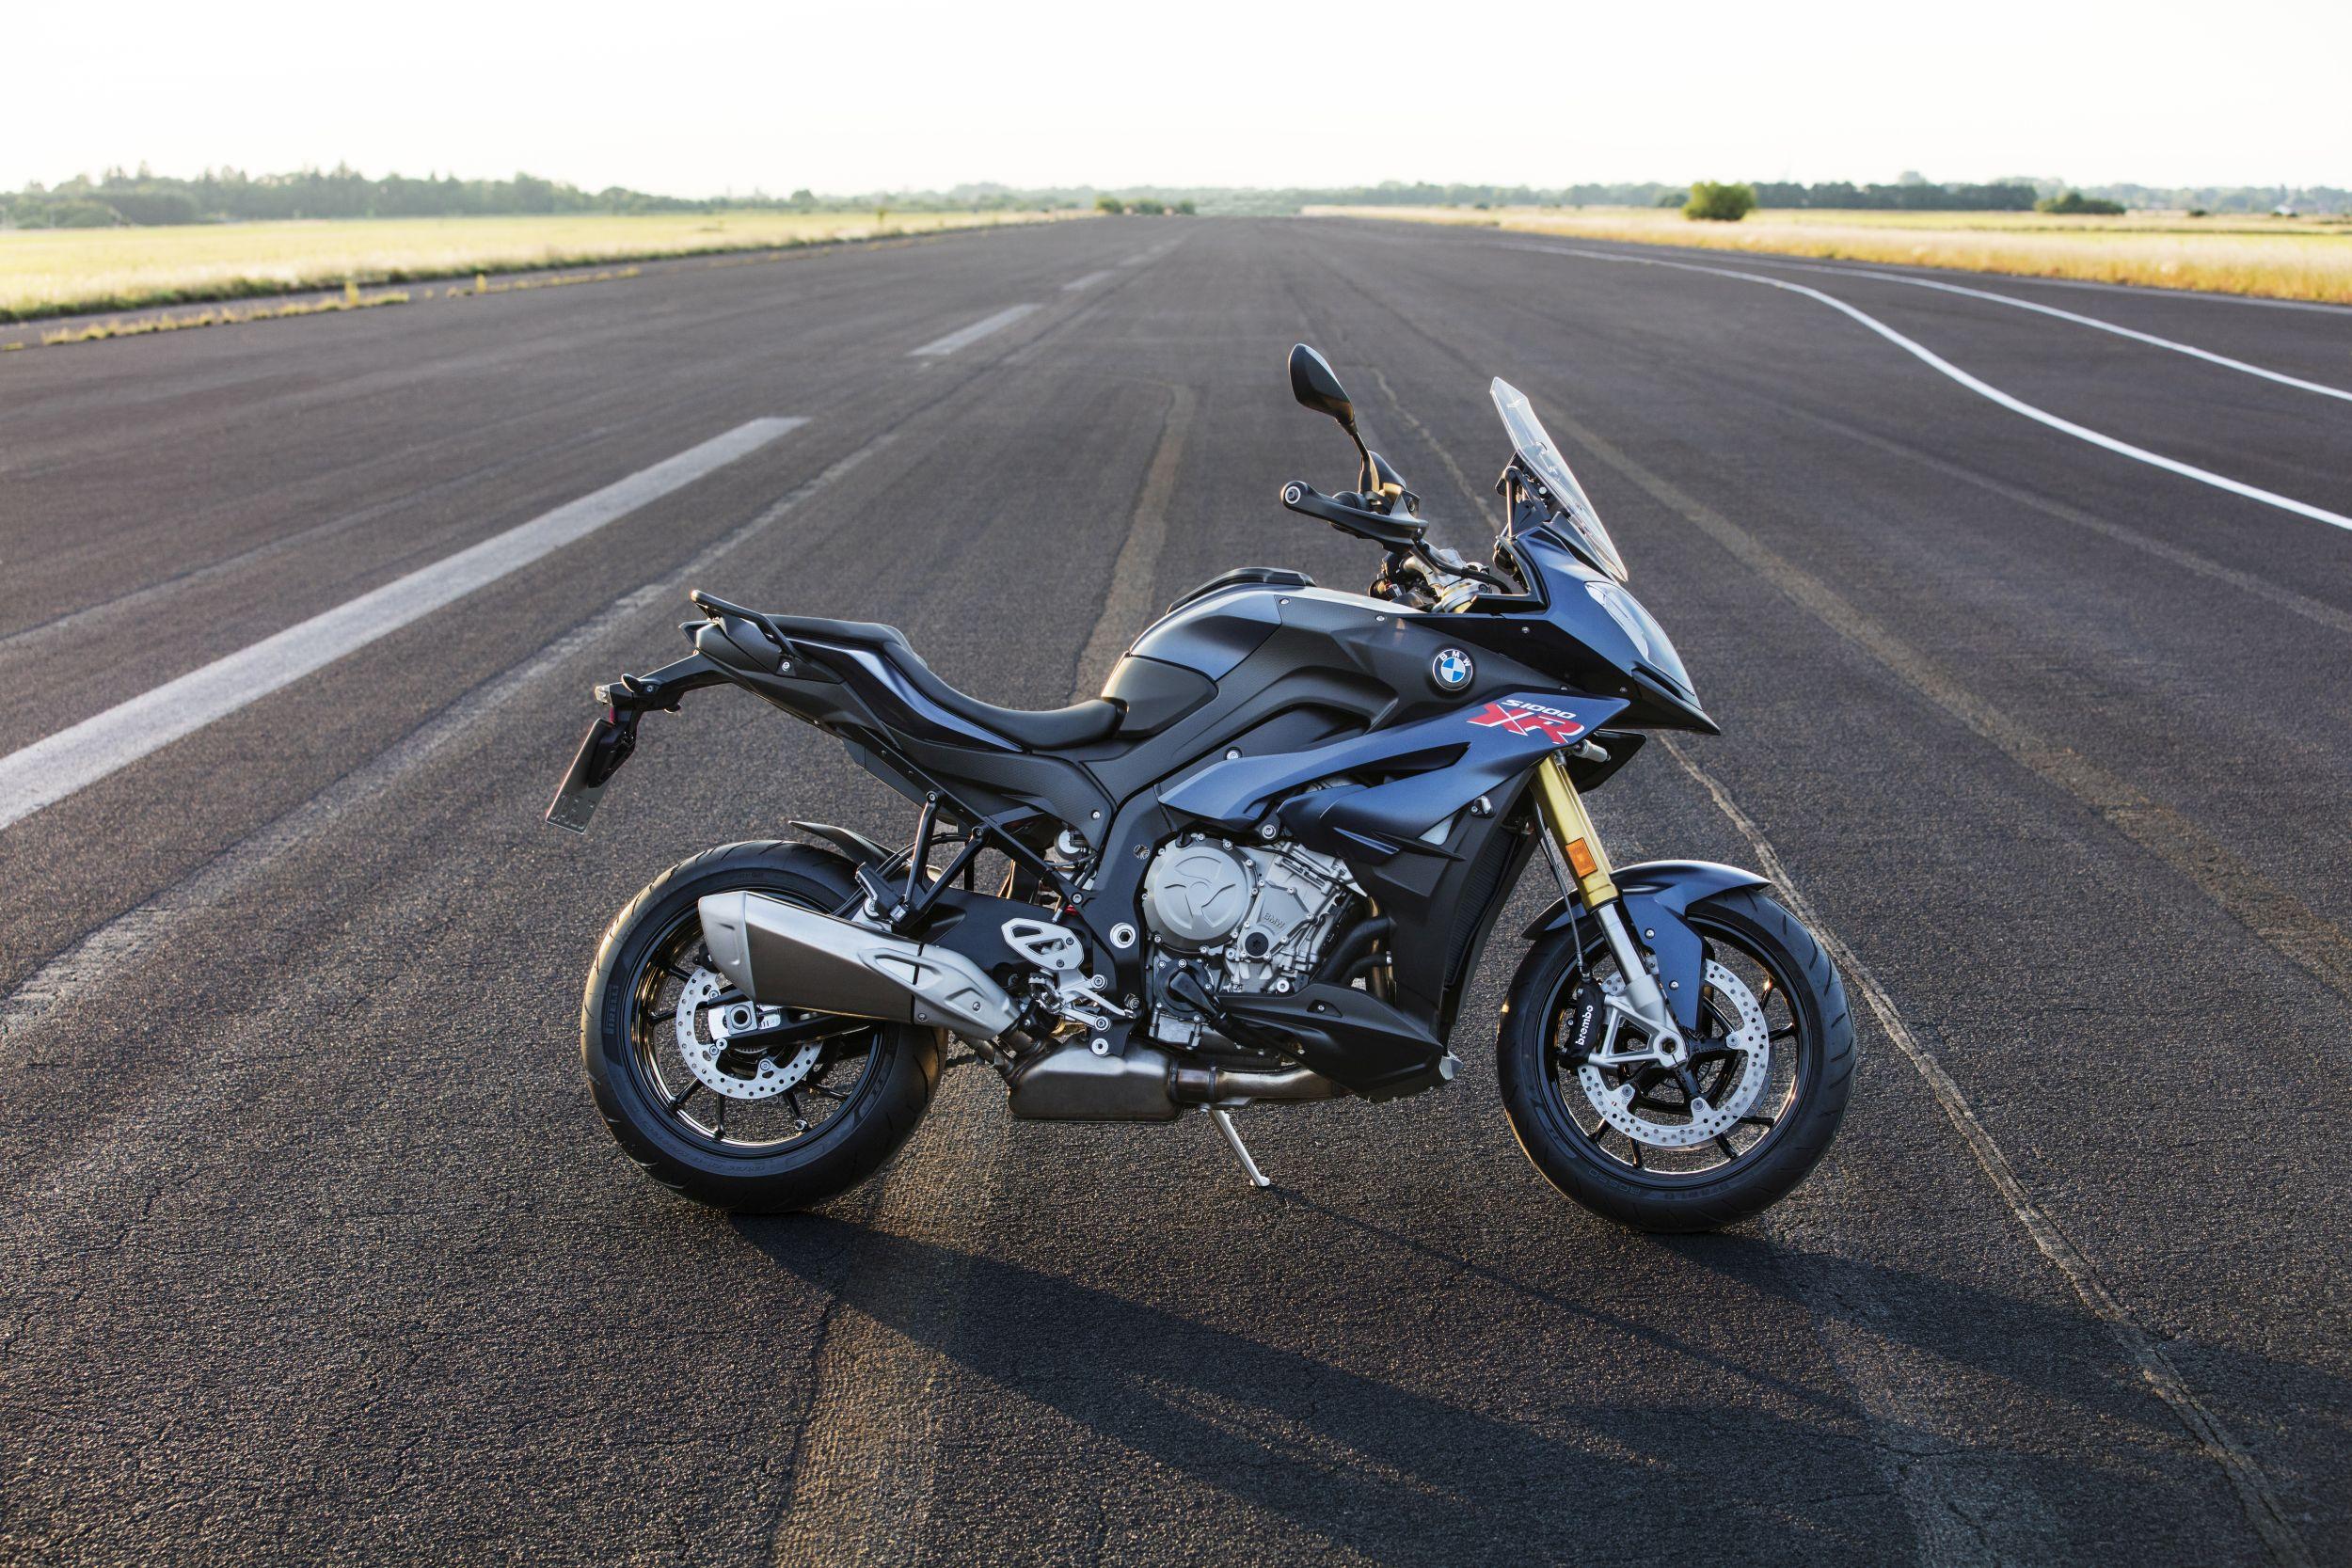 Gebrauchte Und Neue Bmw S 1000 Xr Motorrader Kaufen